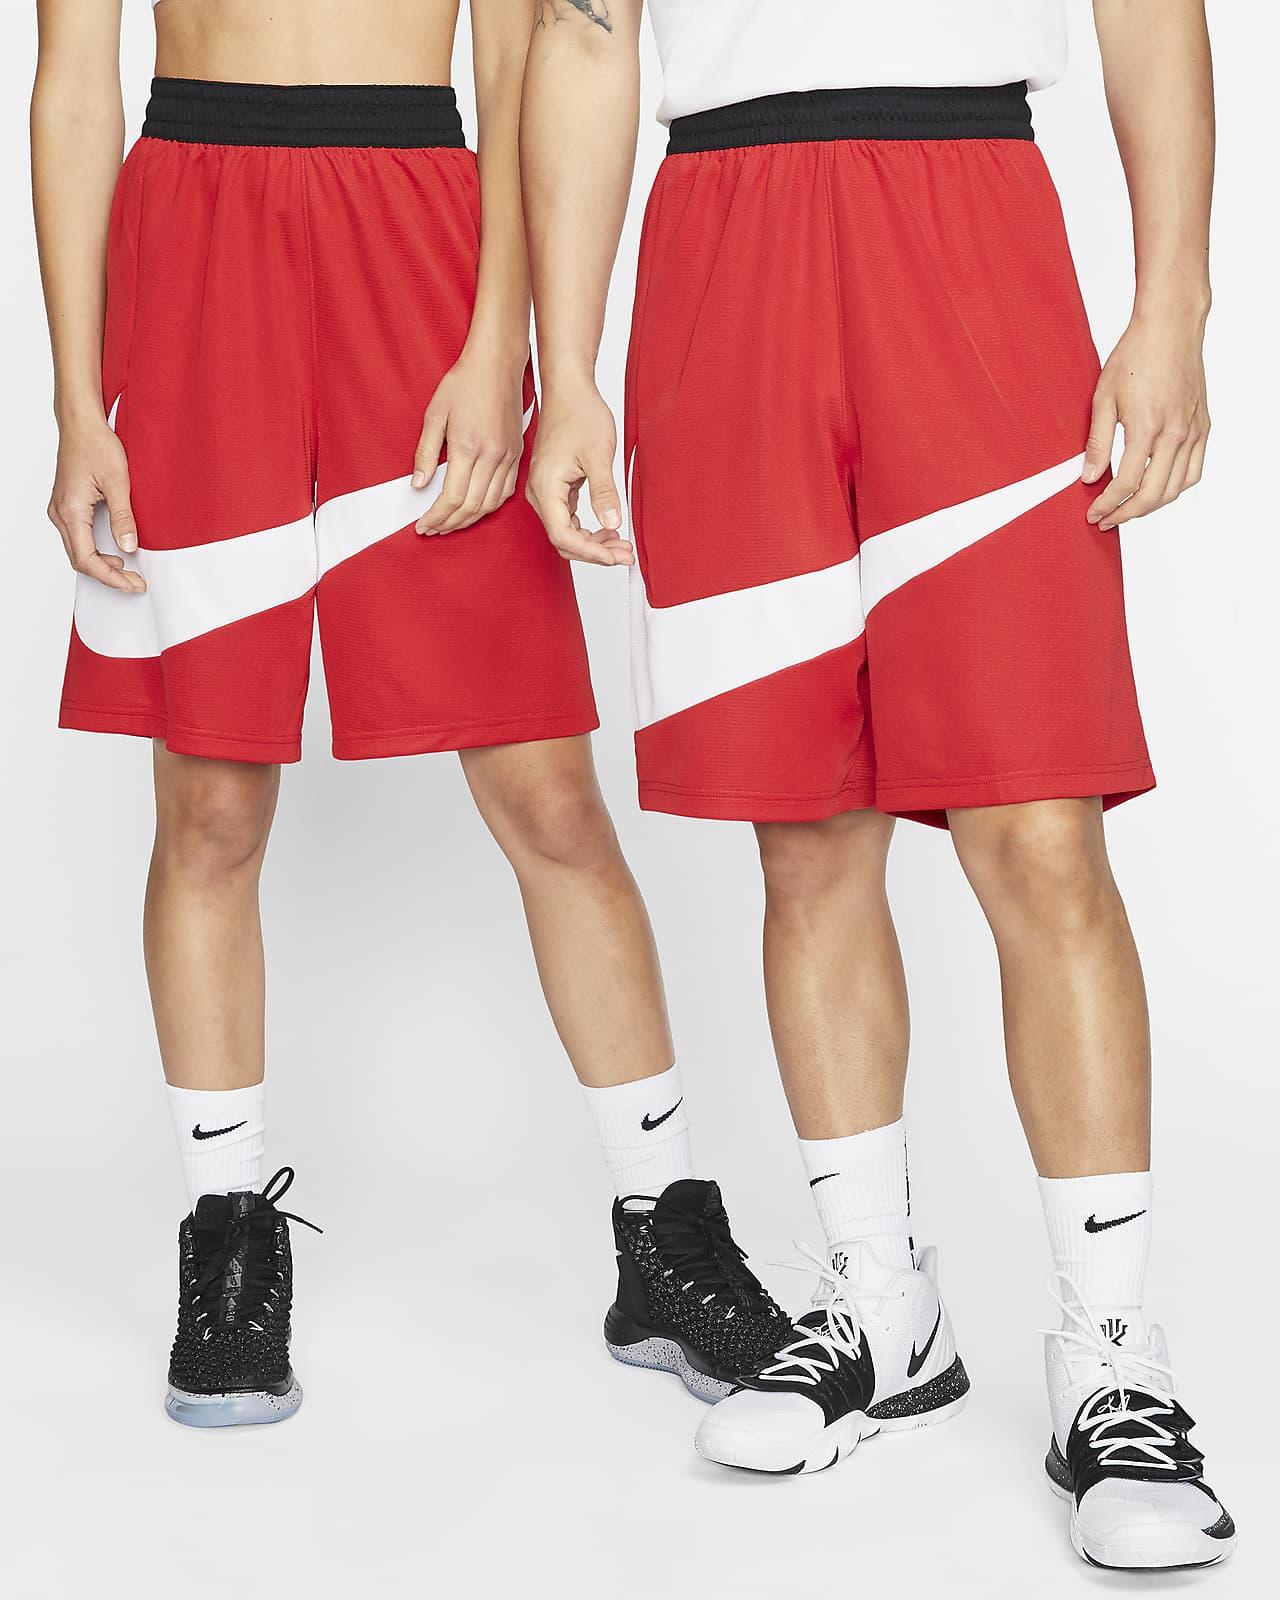 Nike Dri-FIT kosárlabdás rövidnadrág